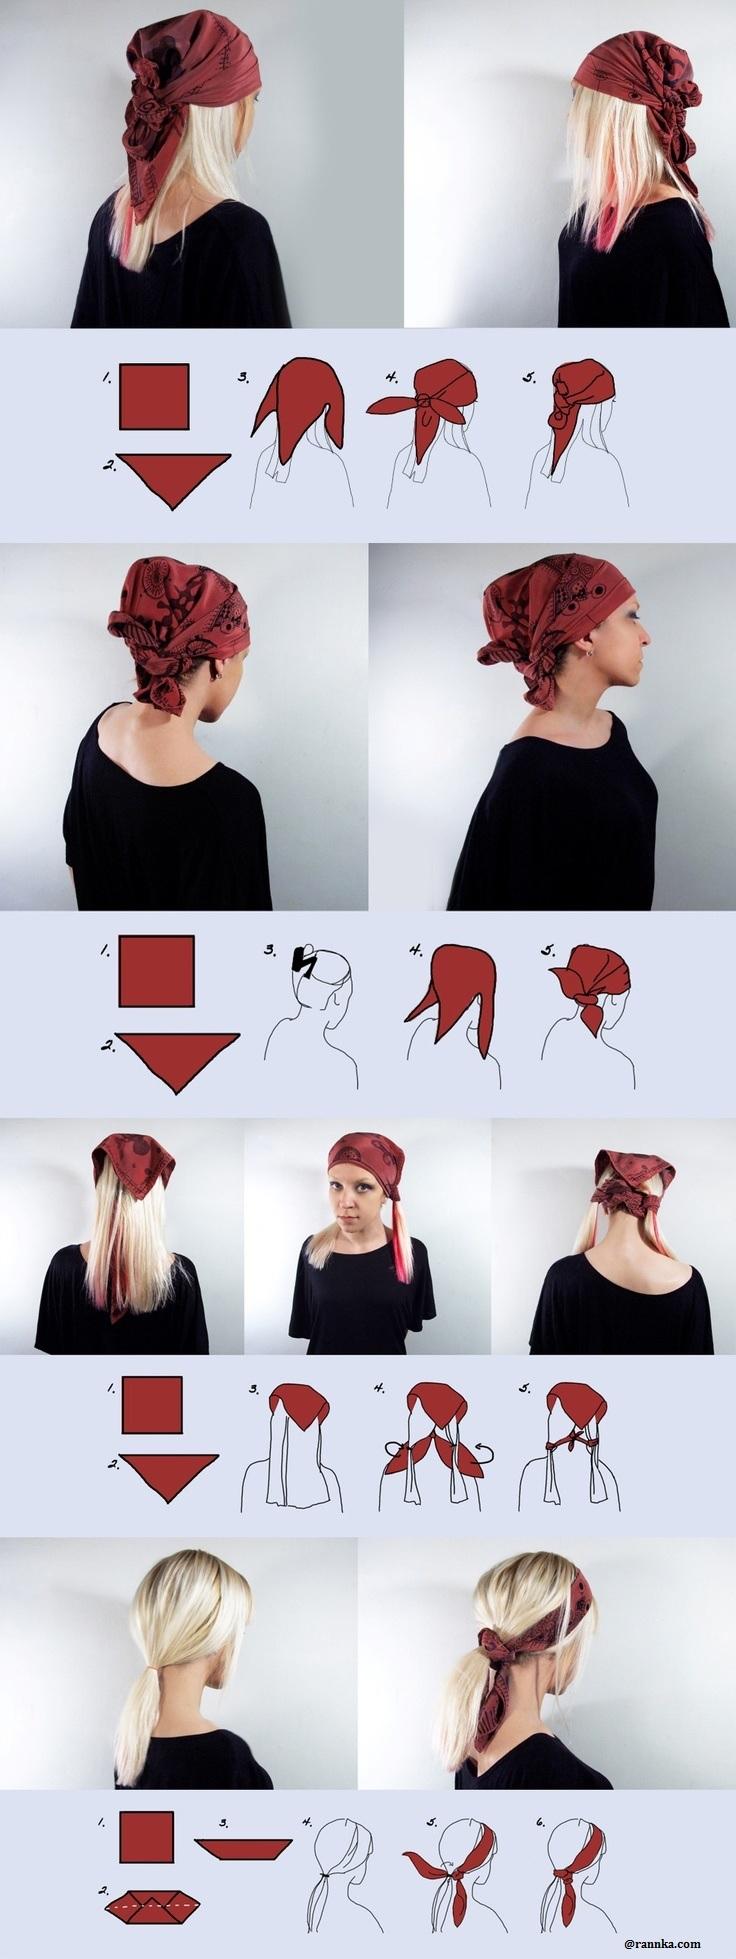 coiffure-foulard-1